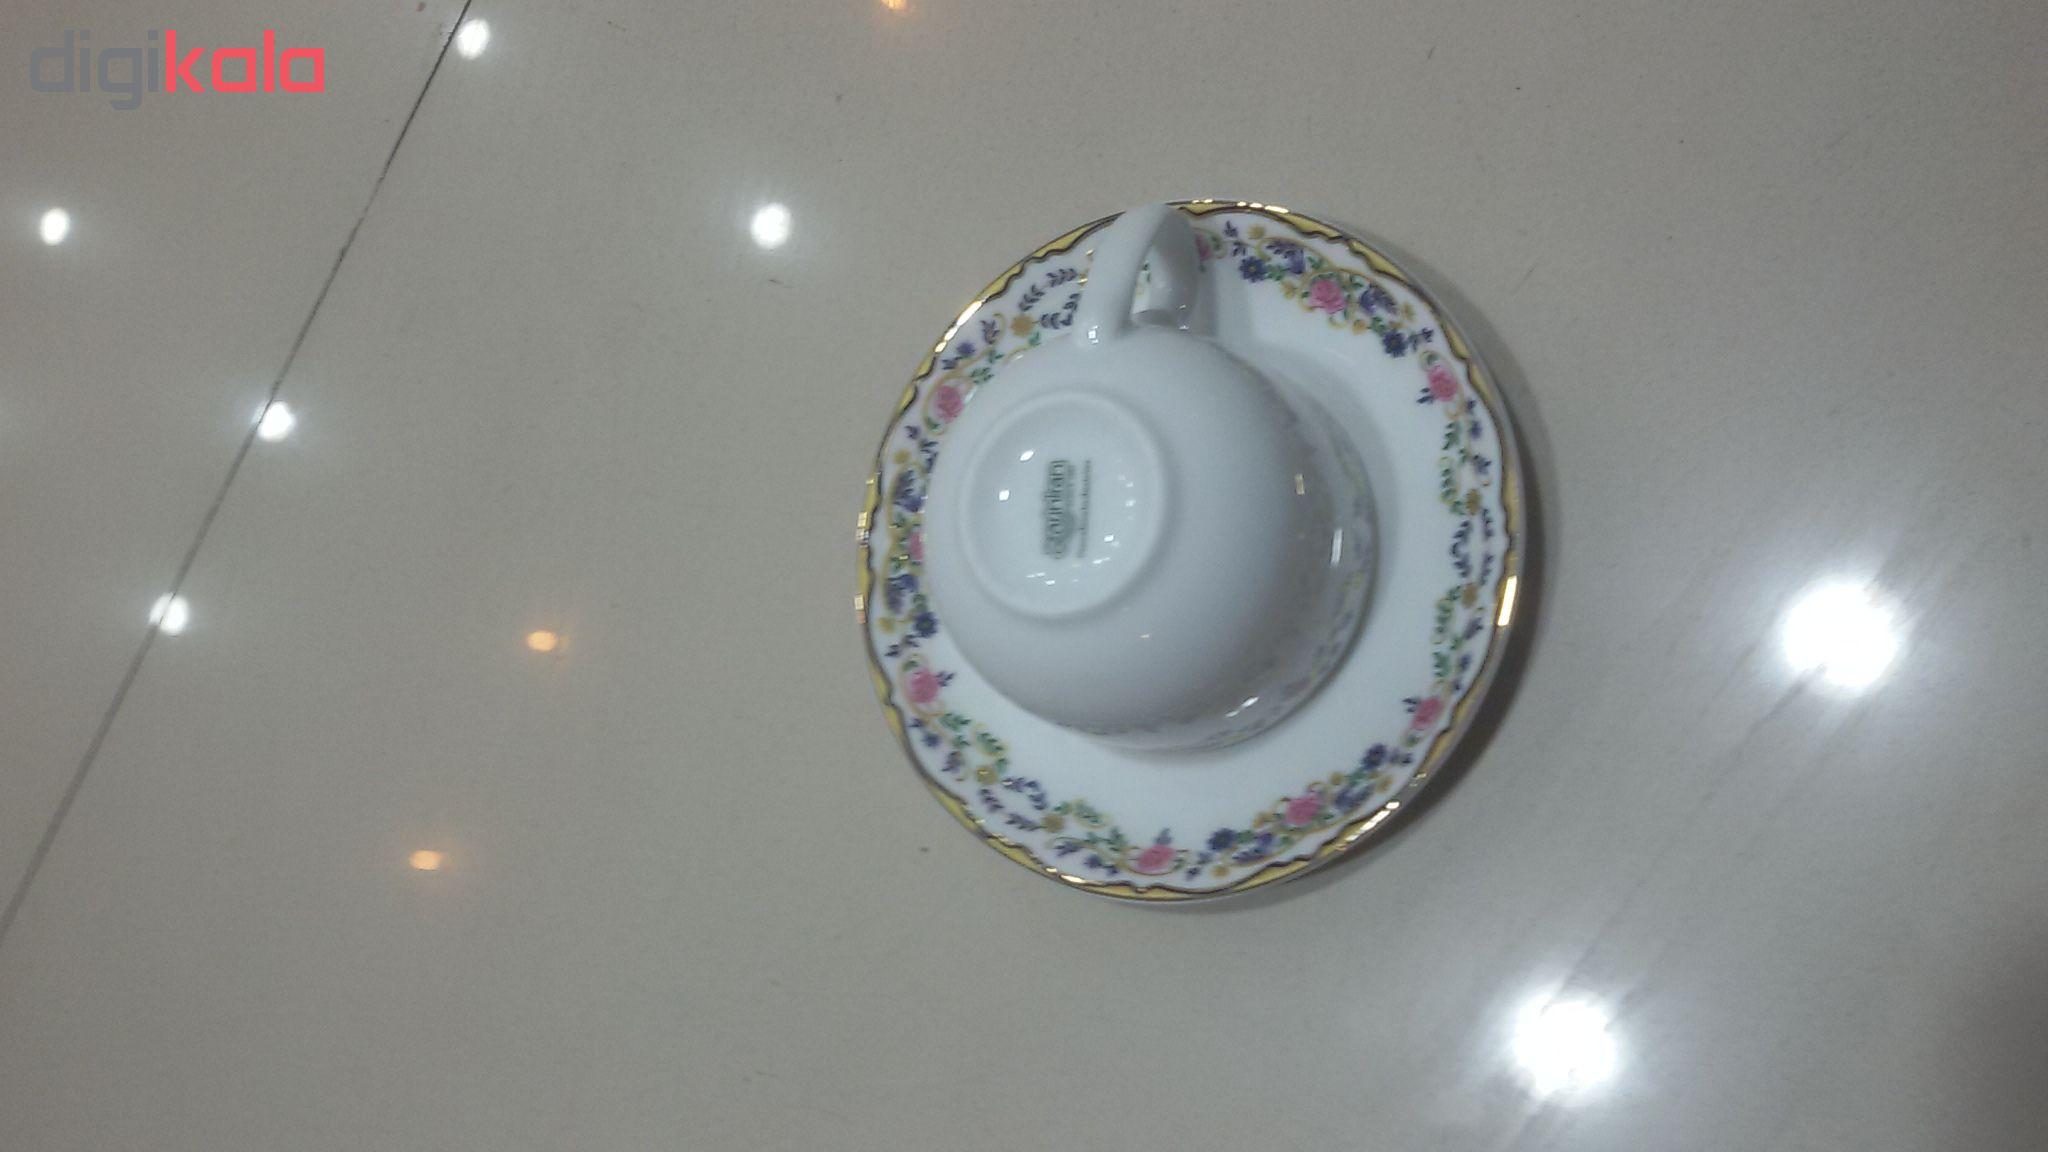 ست فنجان و نعلبکی 12 پارچه چینی زرین ایران سری ایتالیا اف مدل گلستان درجه یک